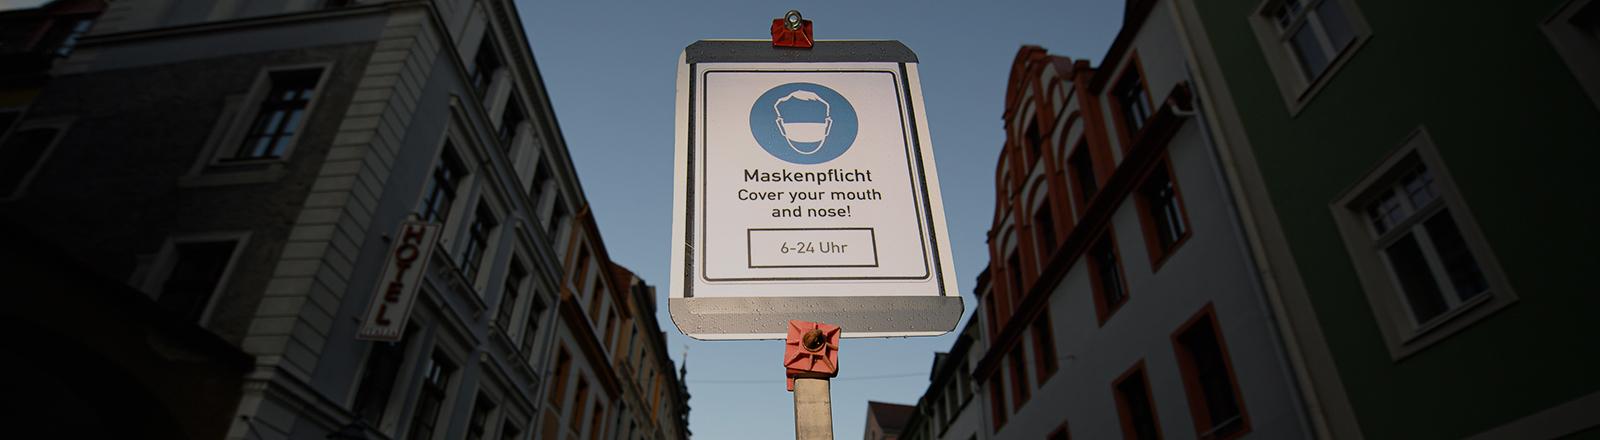 In der Fußgängerzone in der Altstadt von Görlitz steht ein Hinweisschild auf die Maskenpflicht zwischen 6 und 24 Uhr (19.11.2020); Foto: dpa